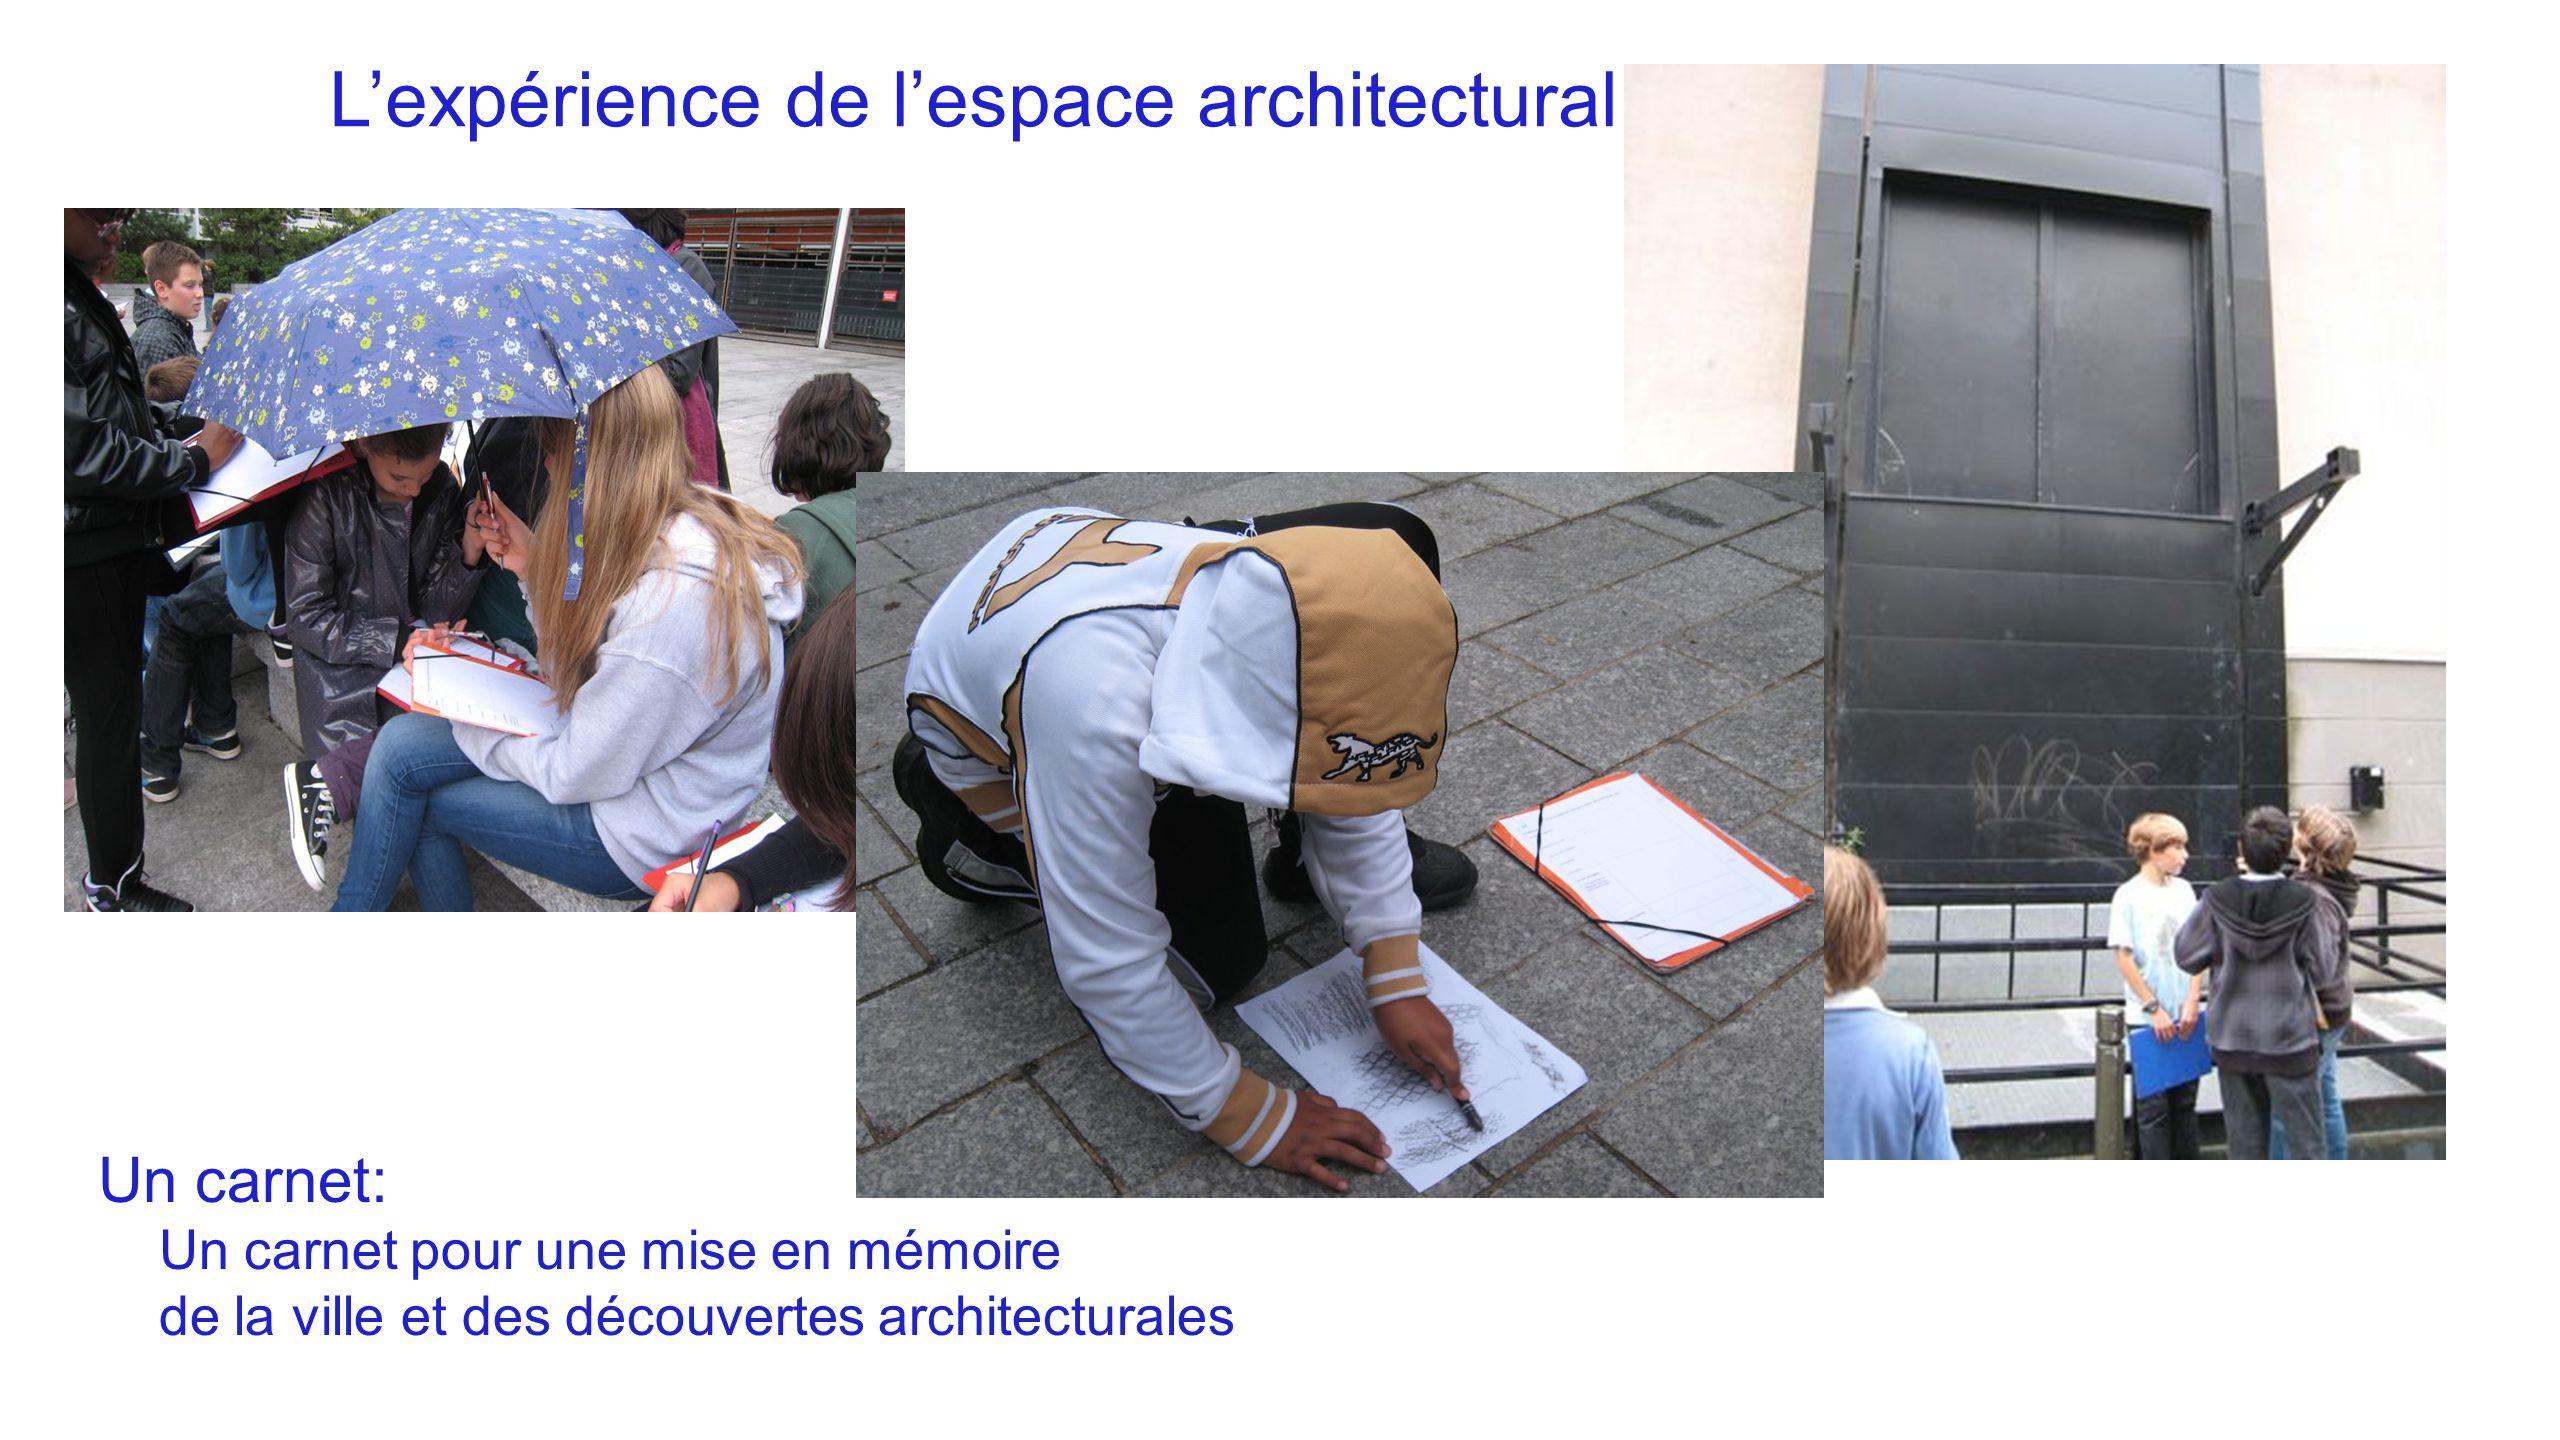 L'expérience de l'espace architectural Un carnet: Un carnet pour une mise en mémoire de la ville et des découvertes architecturales